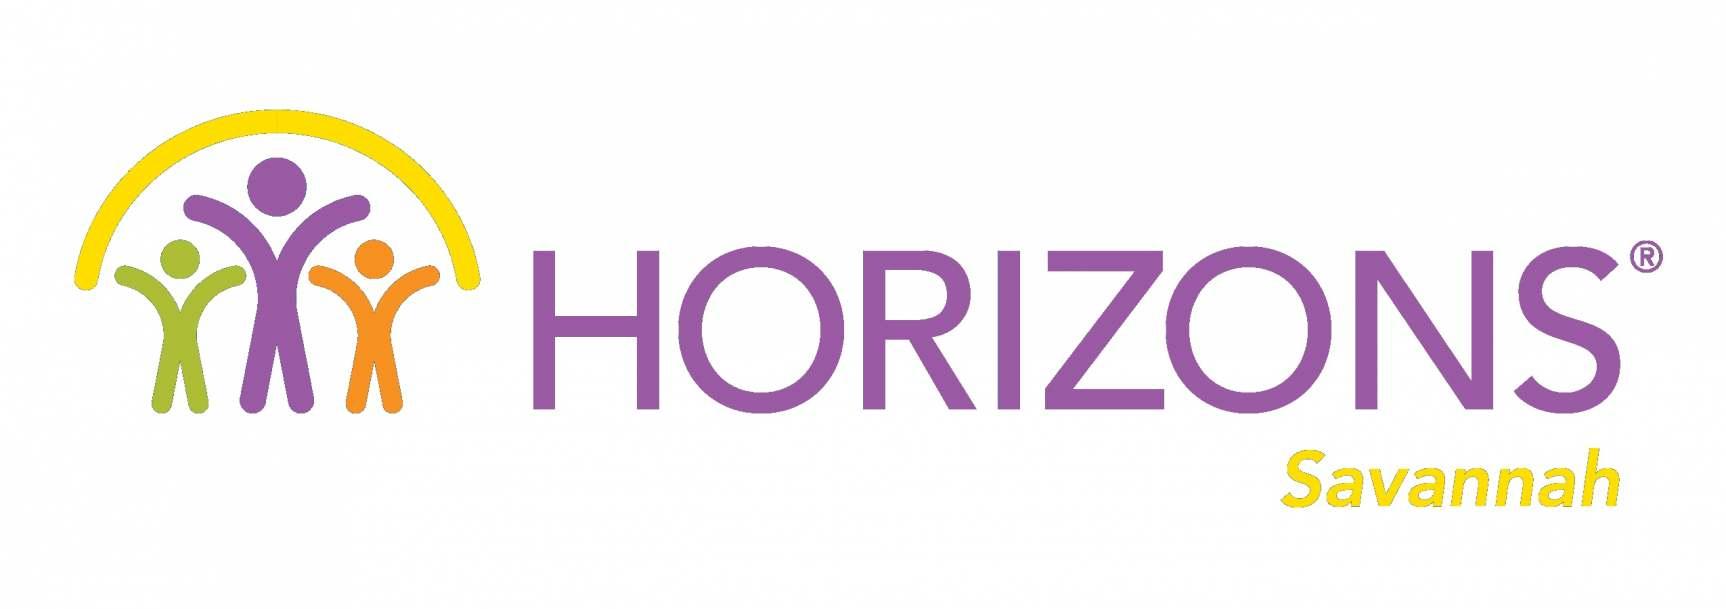 Horizons Savannah Logo